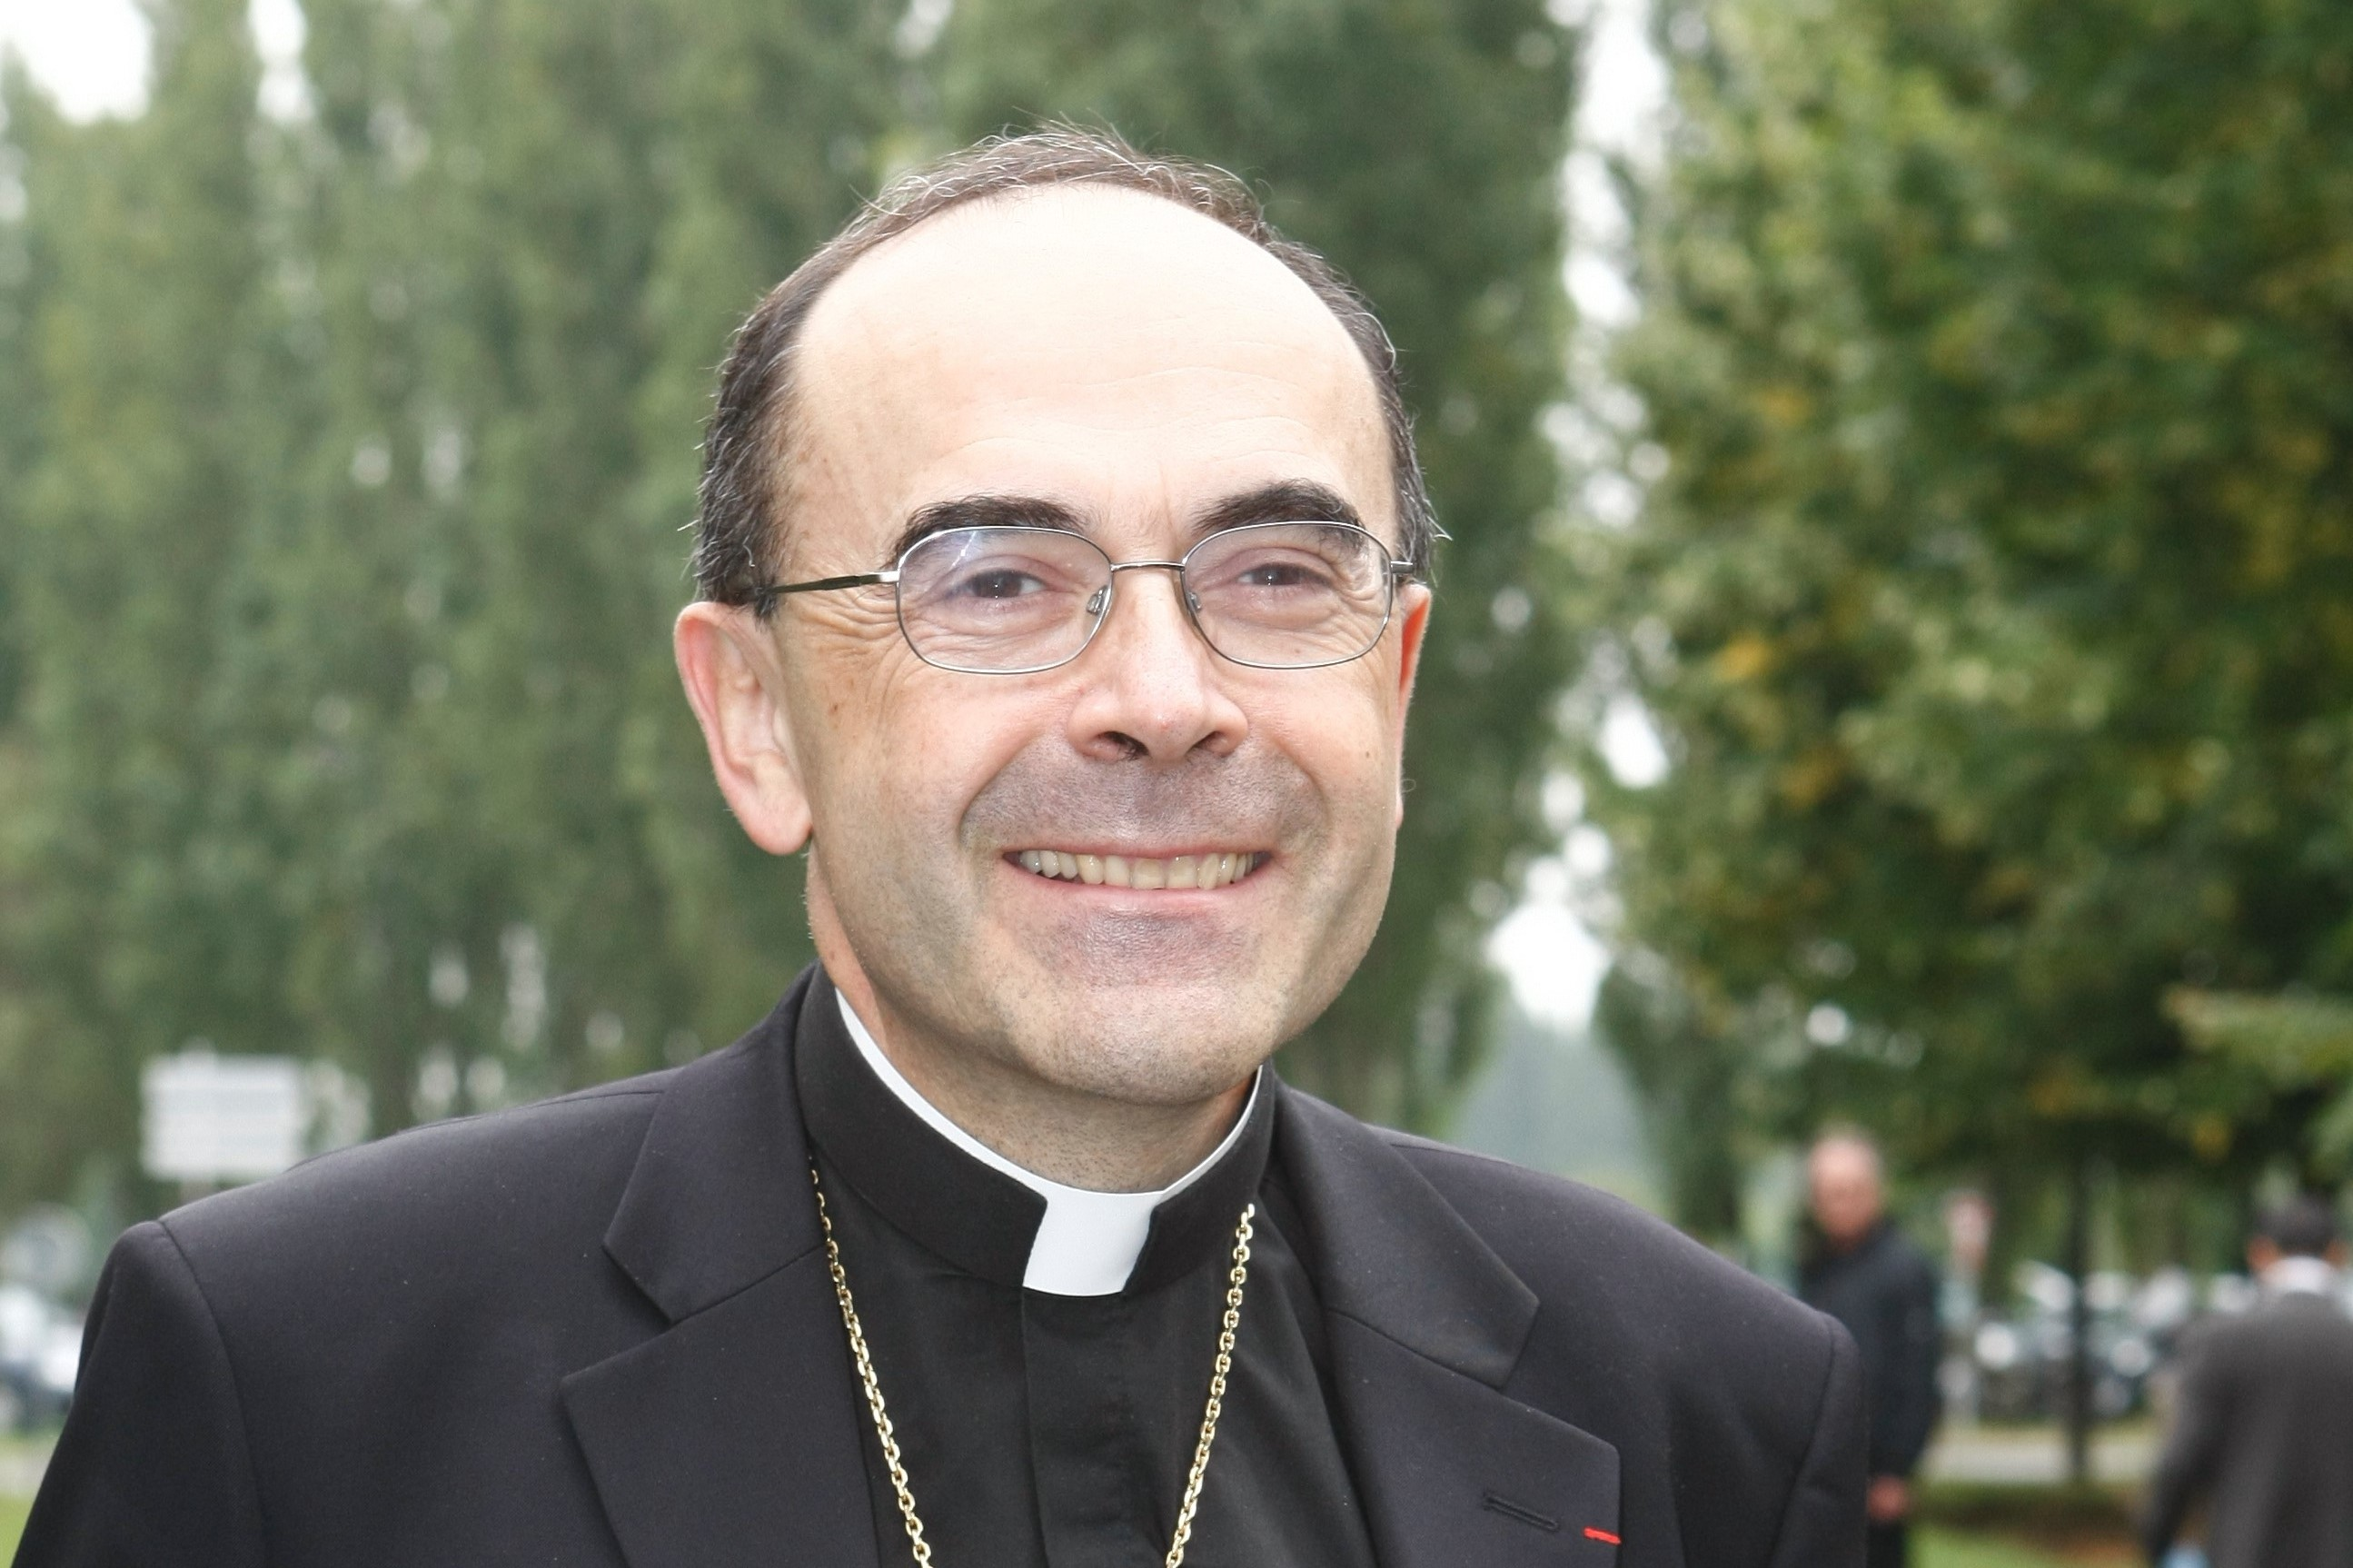 Французский кардинал принял дисциплинарные меры в отношении священника, который провел параллель между террористами и их жертвами